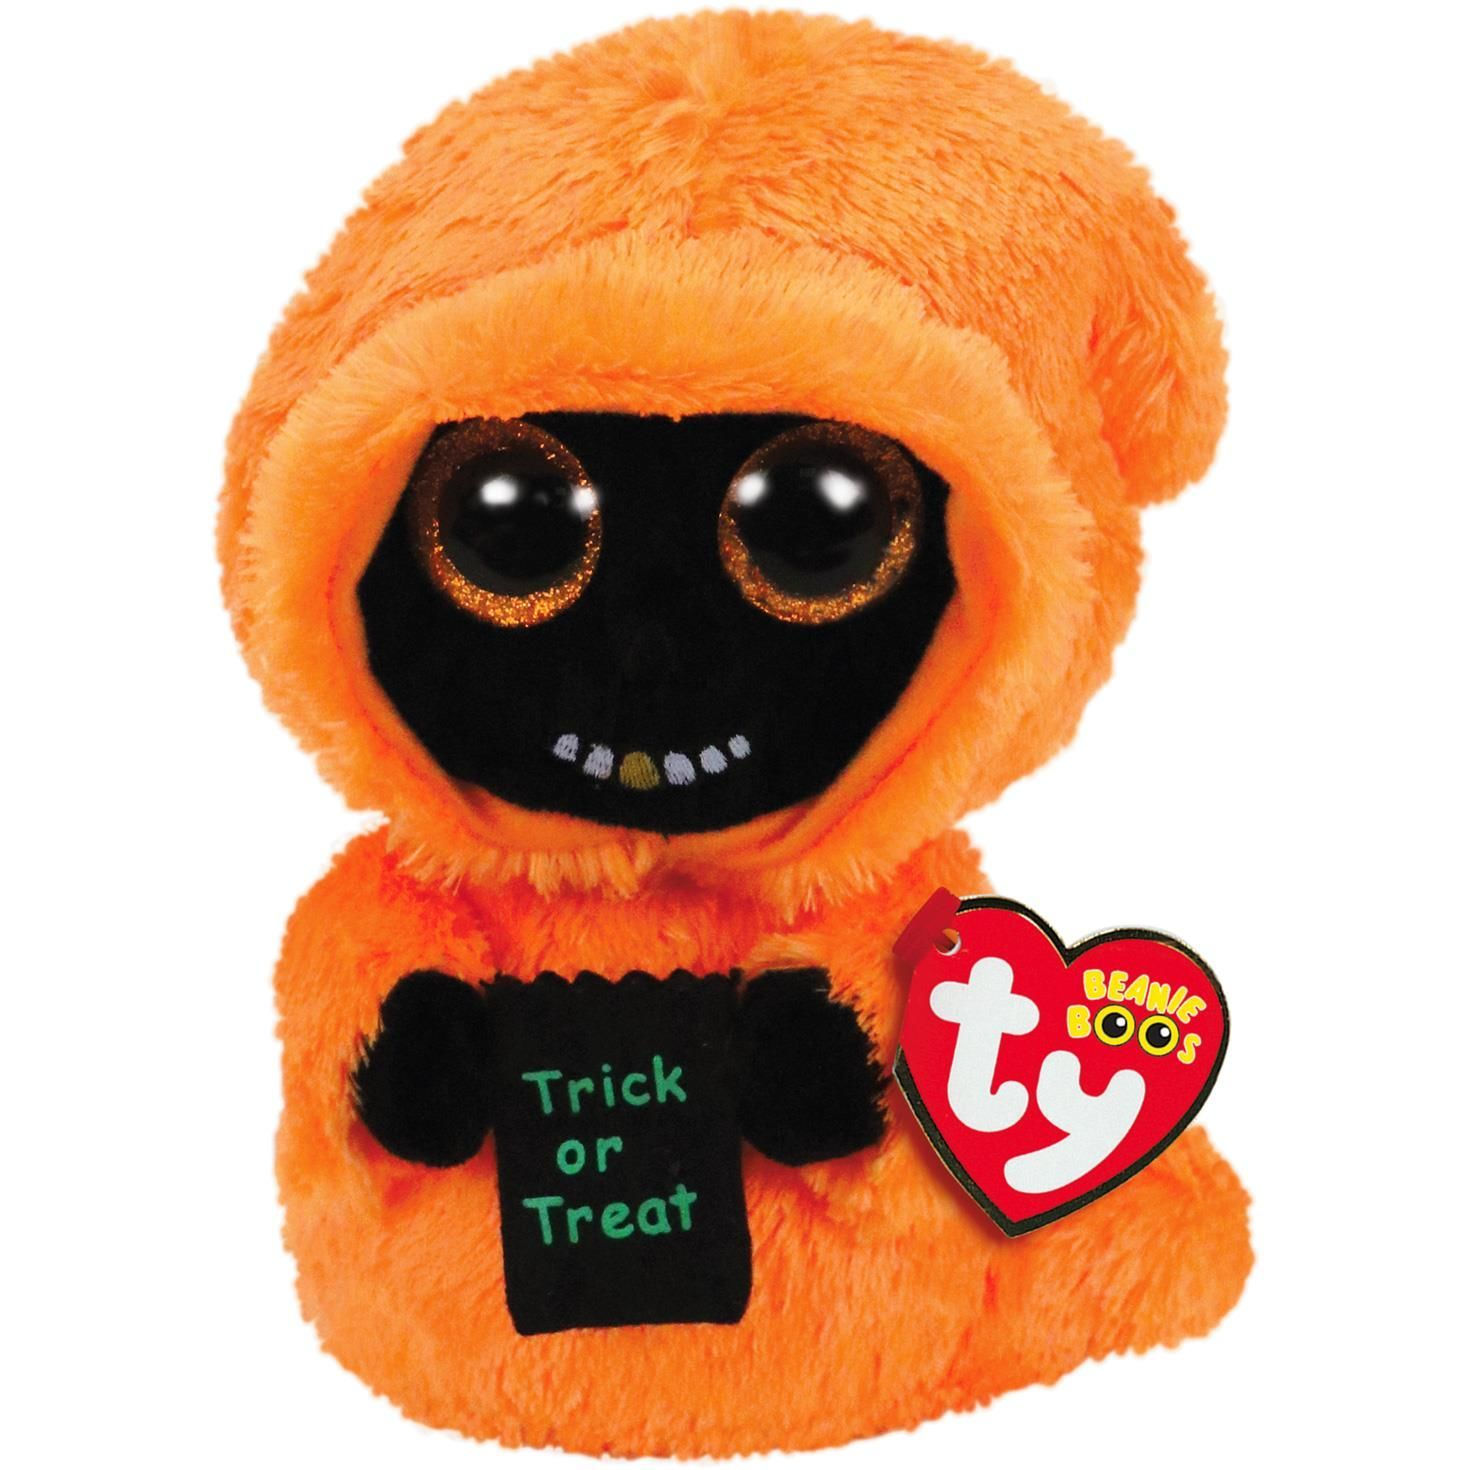 TY Beanie Boos - Grinner - oranžový duch 36208 - 15 cm plyšák TY Inc. ( Meteor )